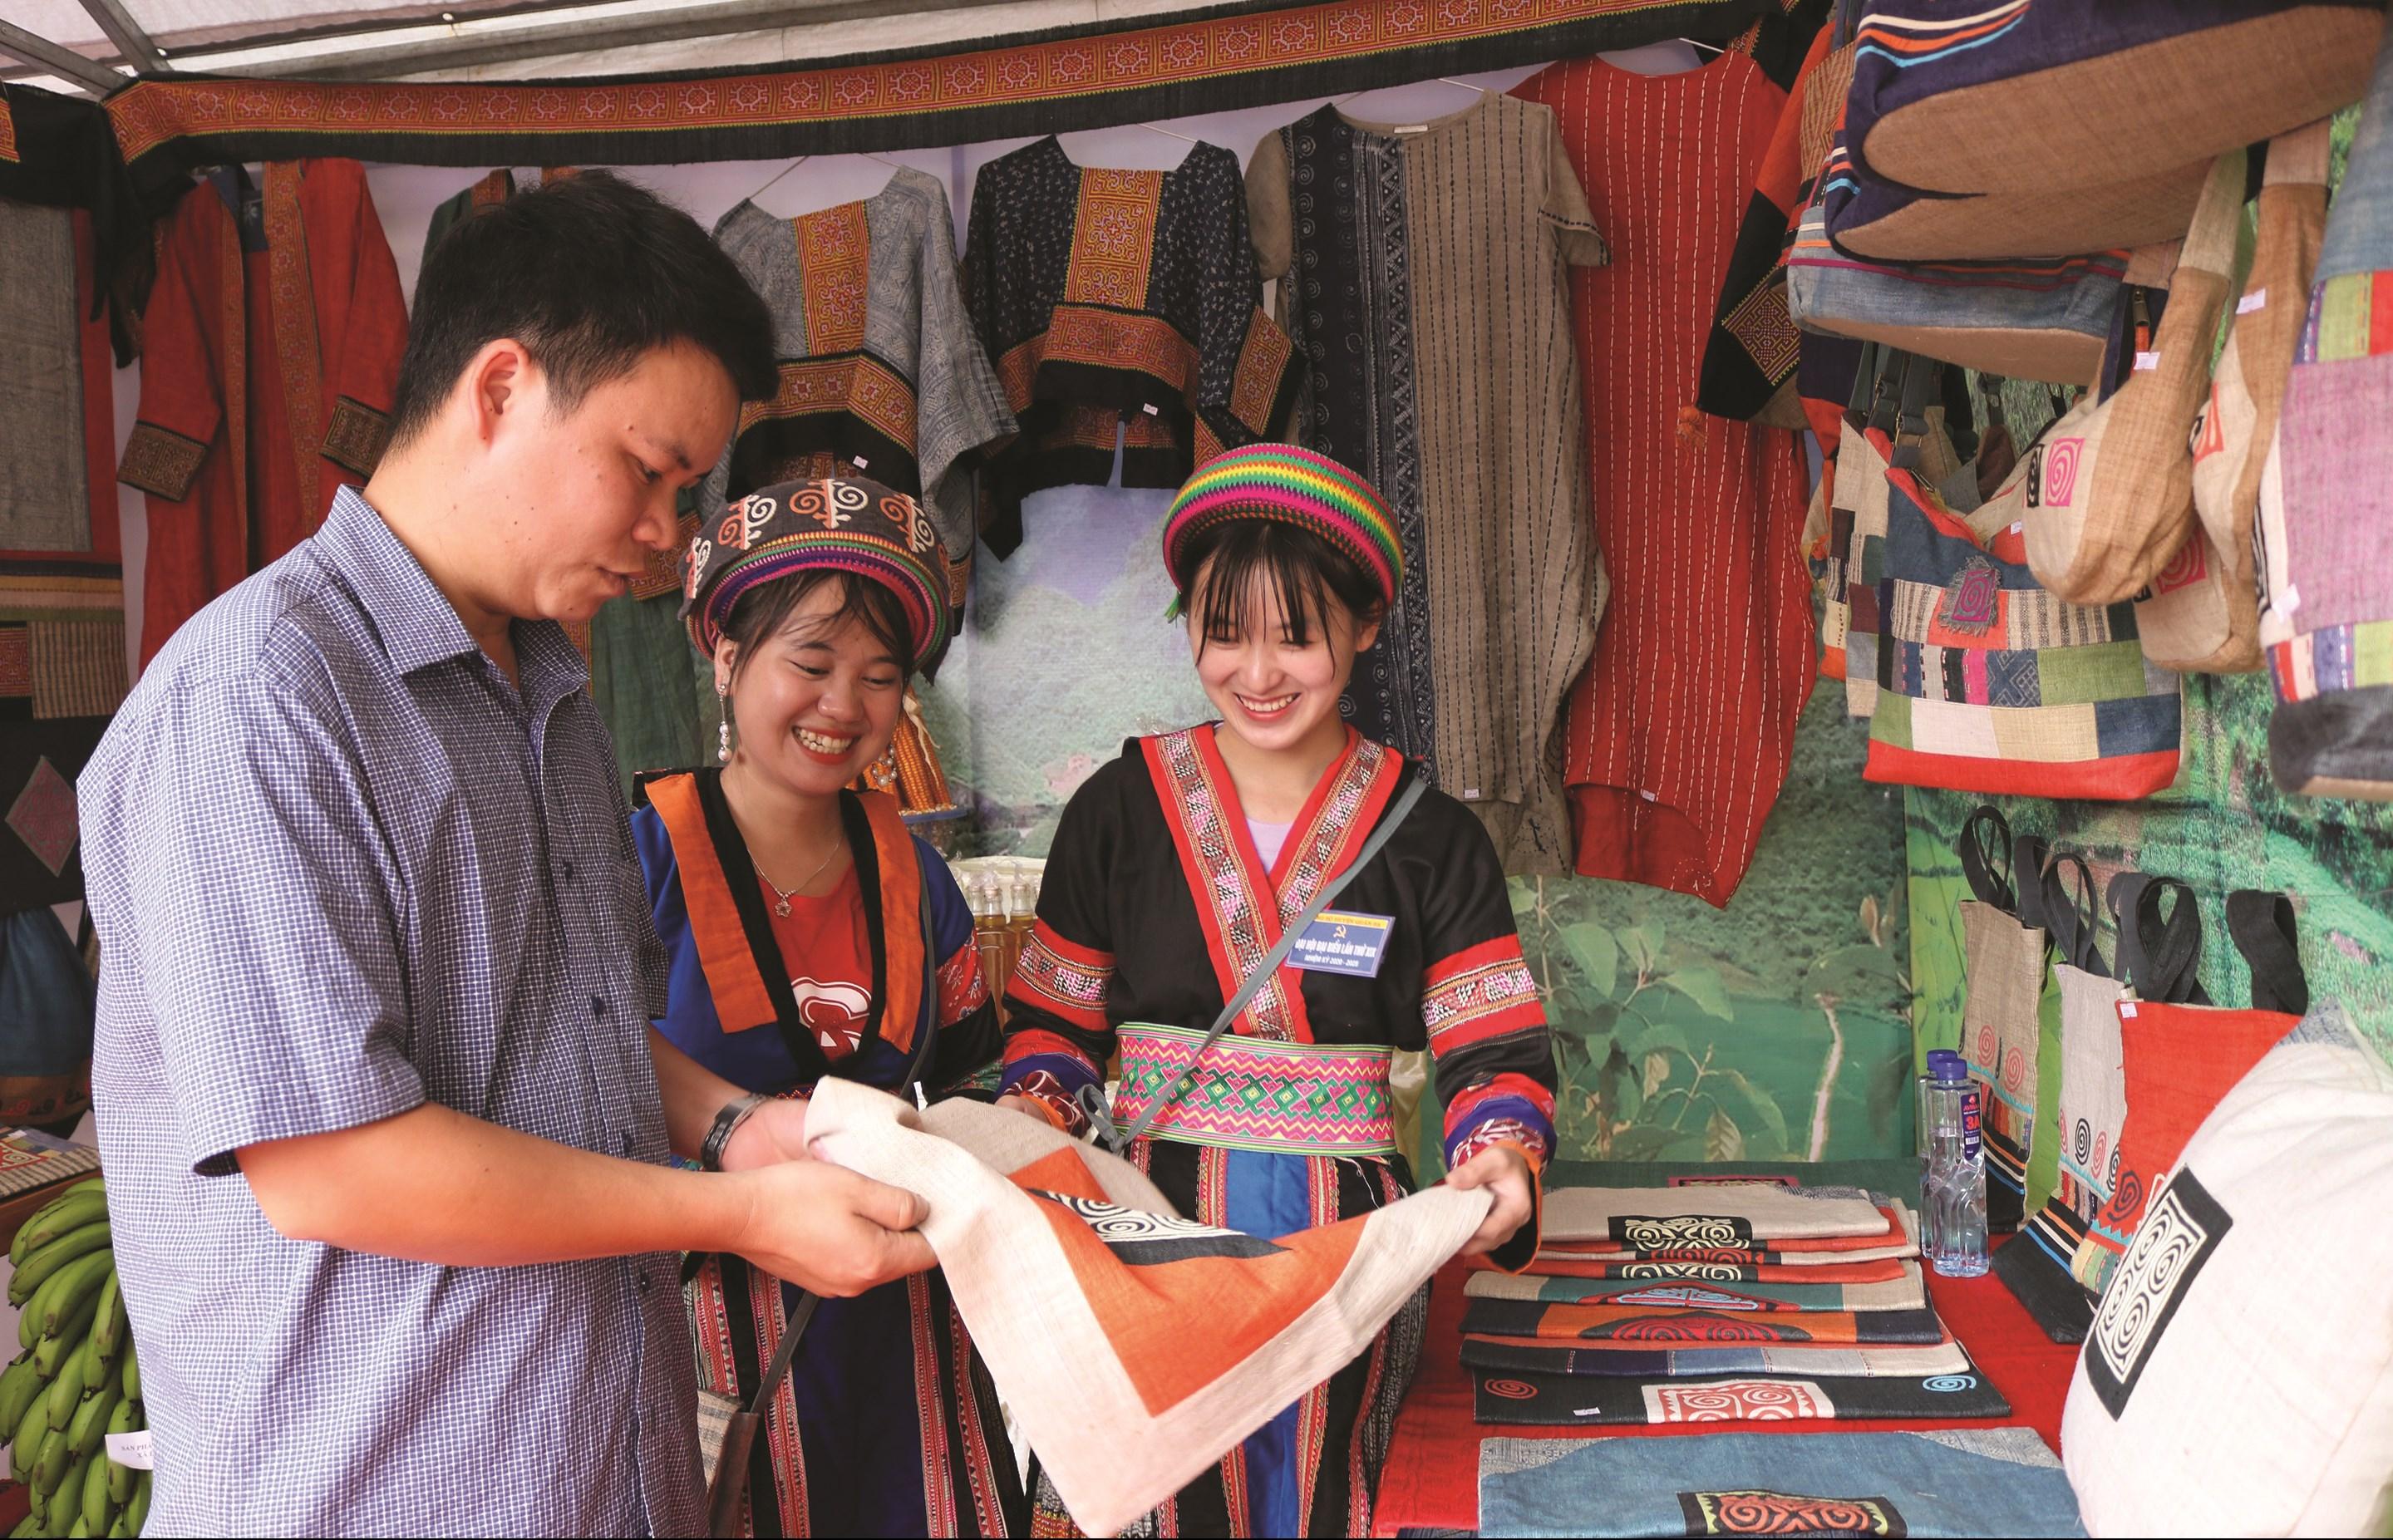 Các nhân viên Hợp tác xã dệt lanh Lùng Tám, mô hình phát triển du lịch hiệu quả ở huyện Quản Bạ đang giới thiệu sản phẩm lanh cho du khách.